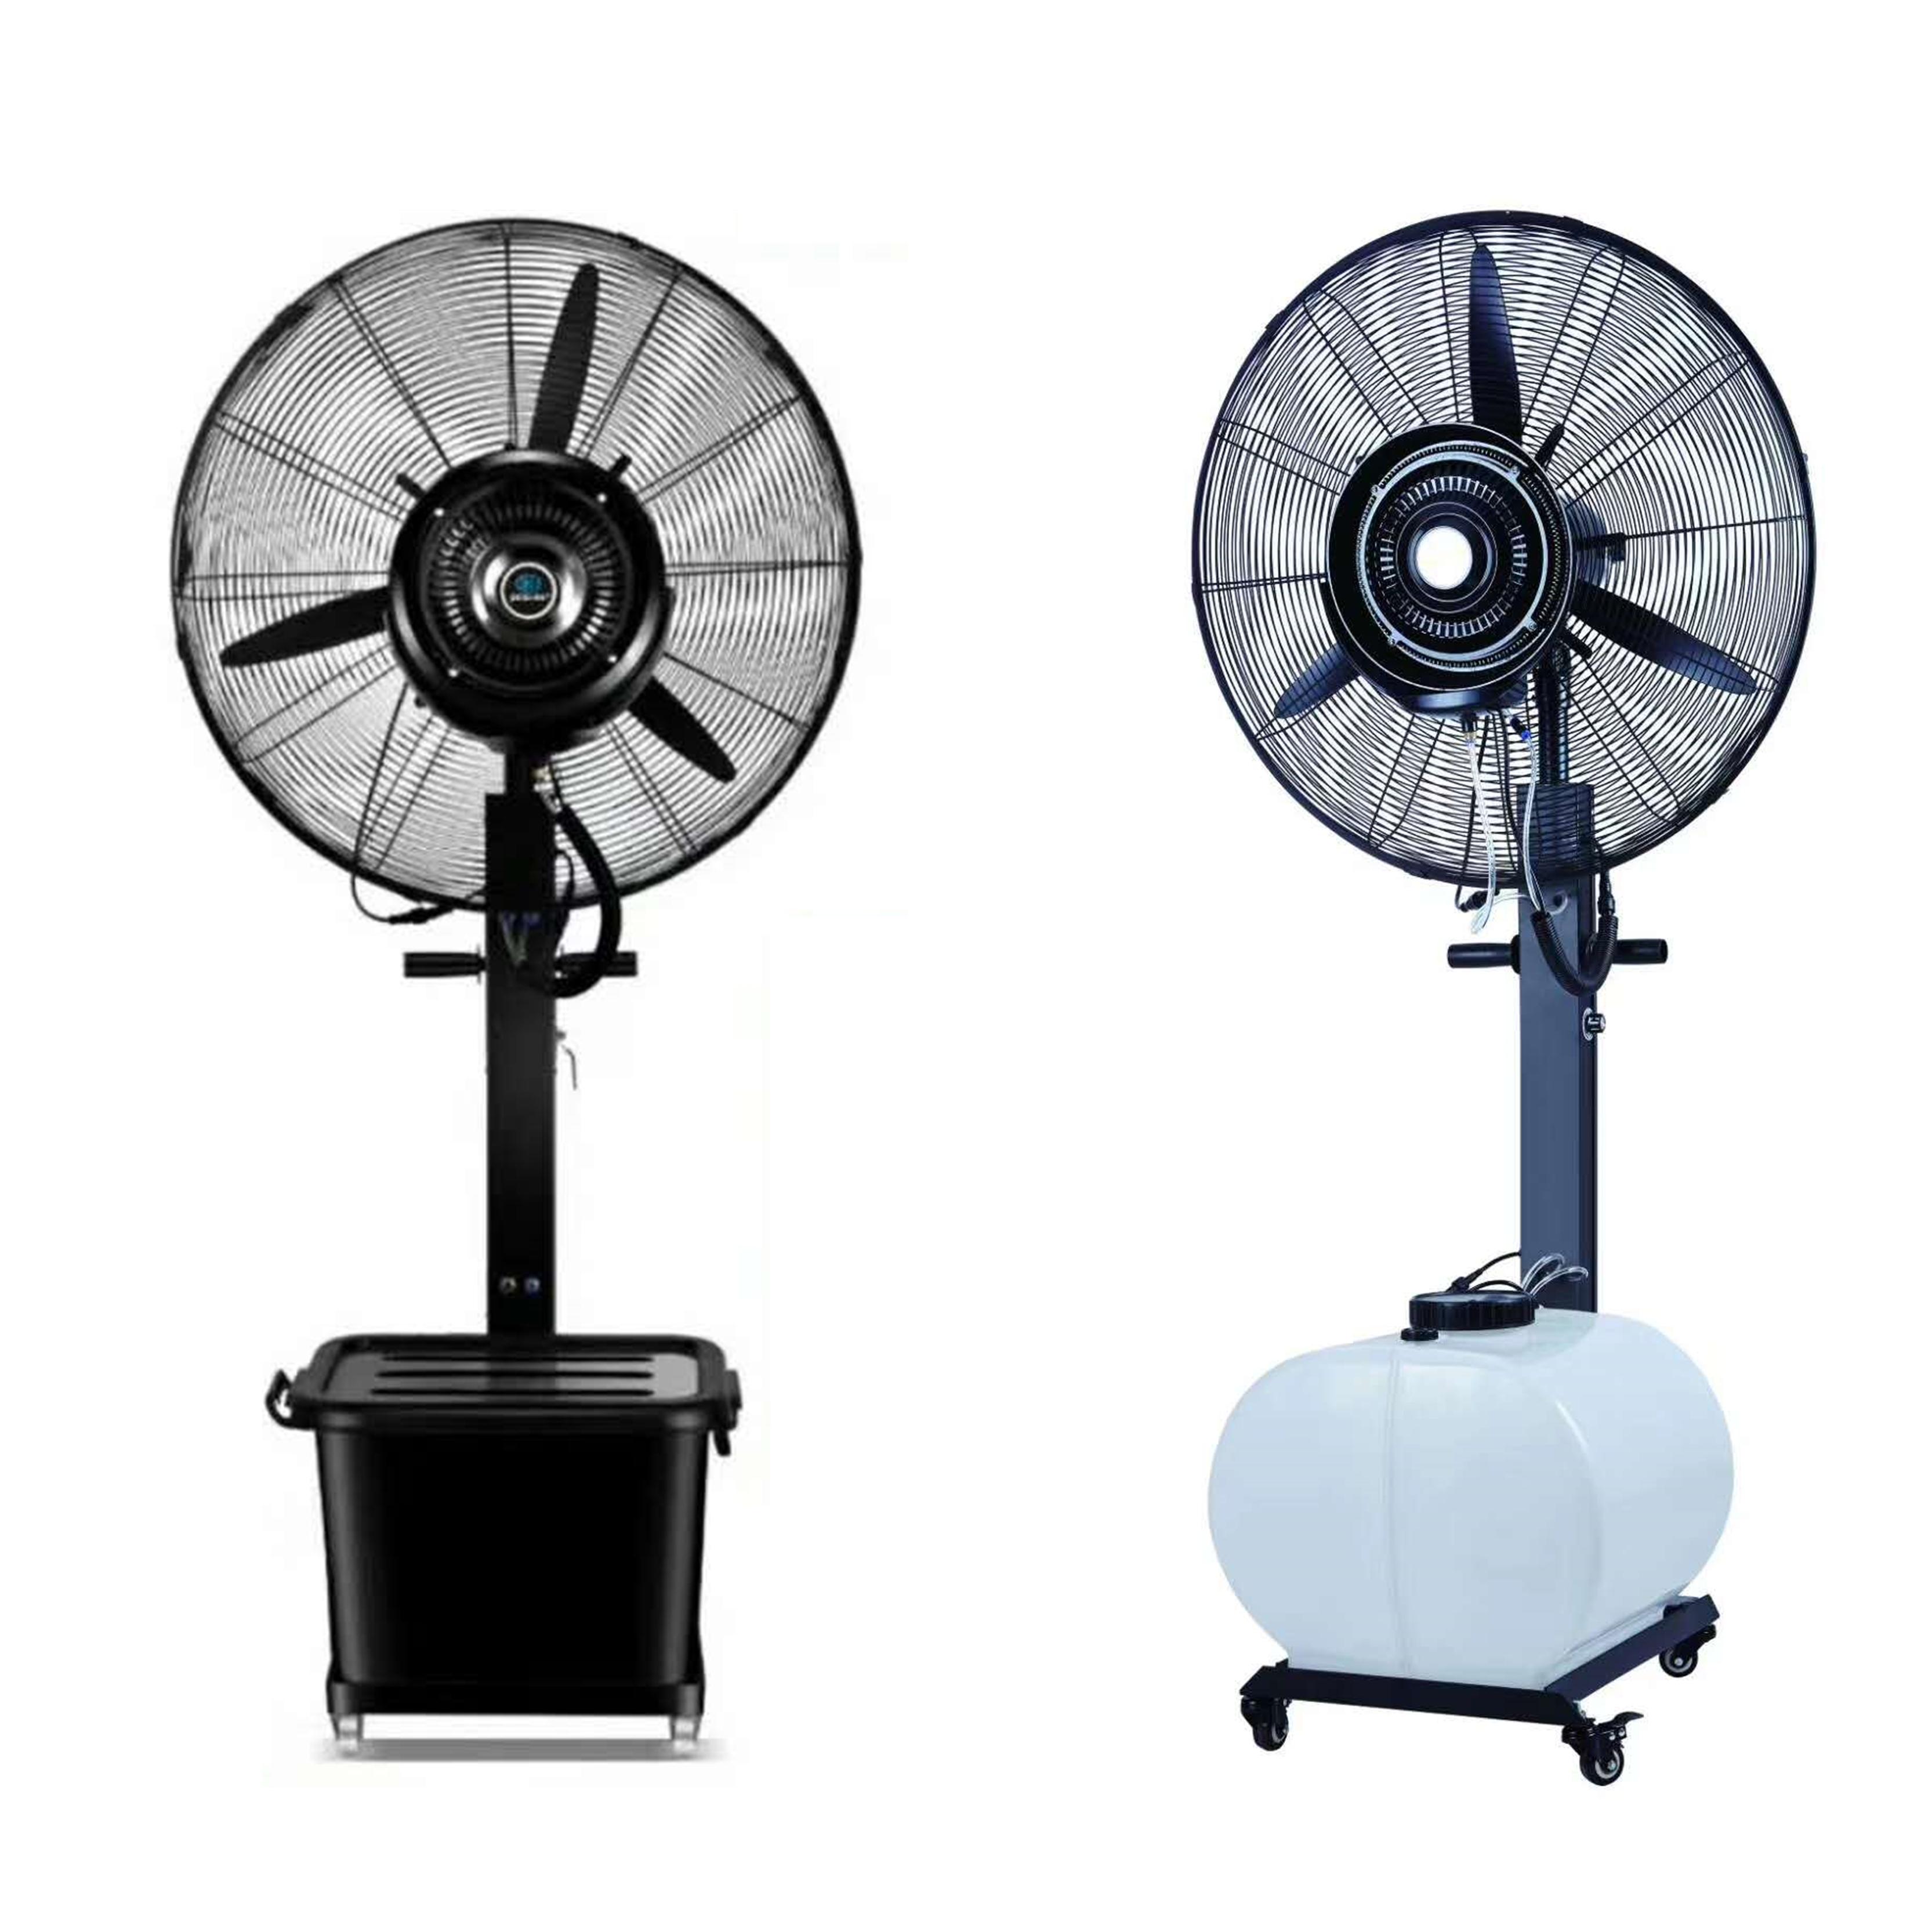 Ventilador Industrial 26 polegadas 30 polegadas spray de água ventilador da névoa